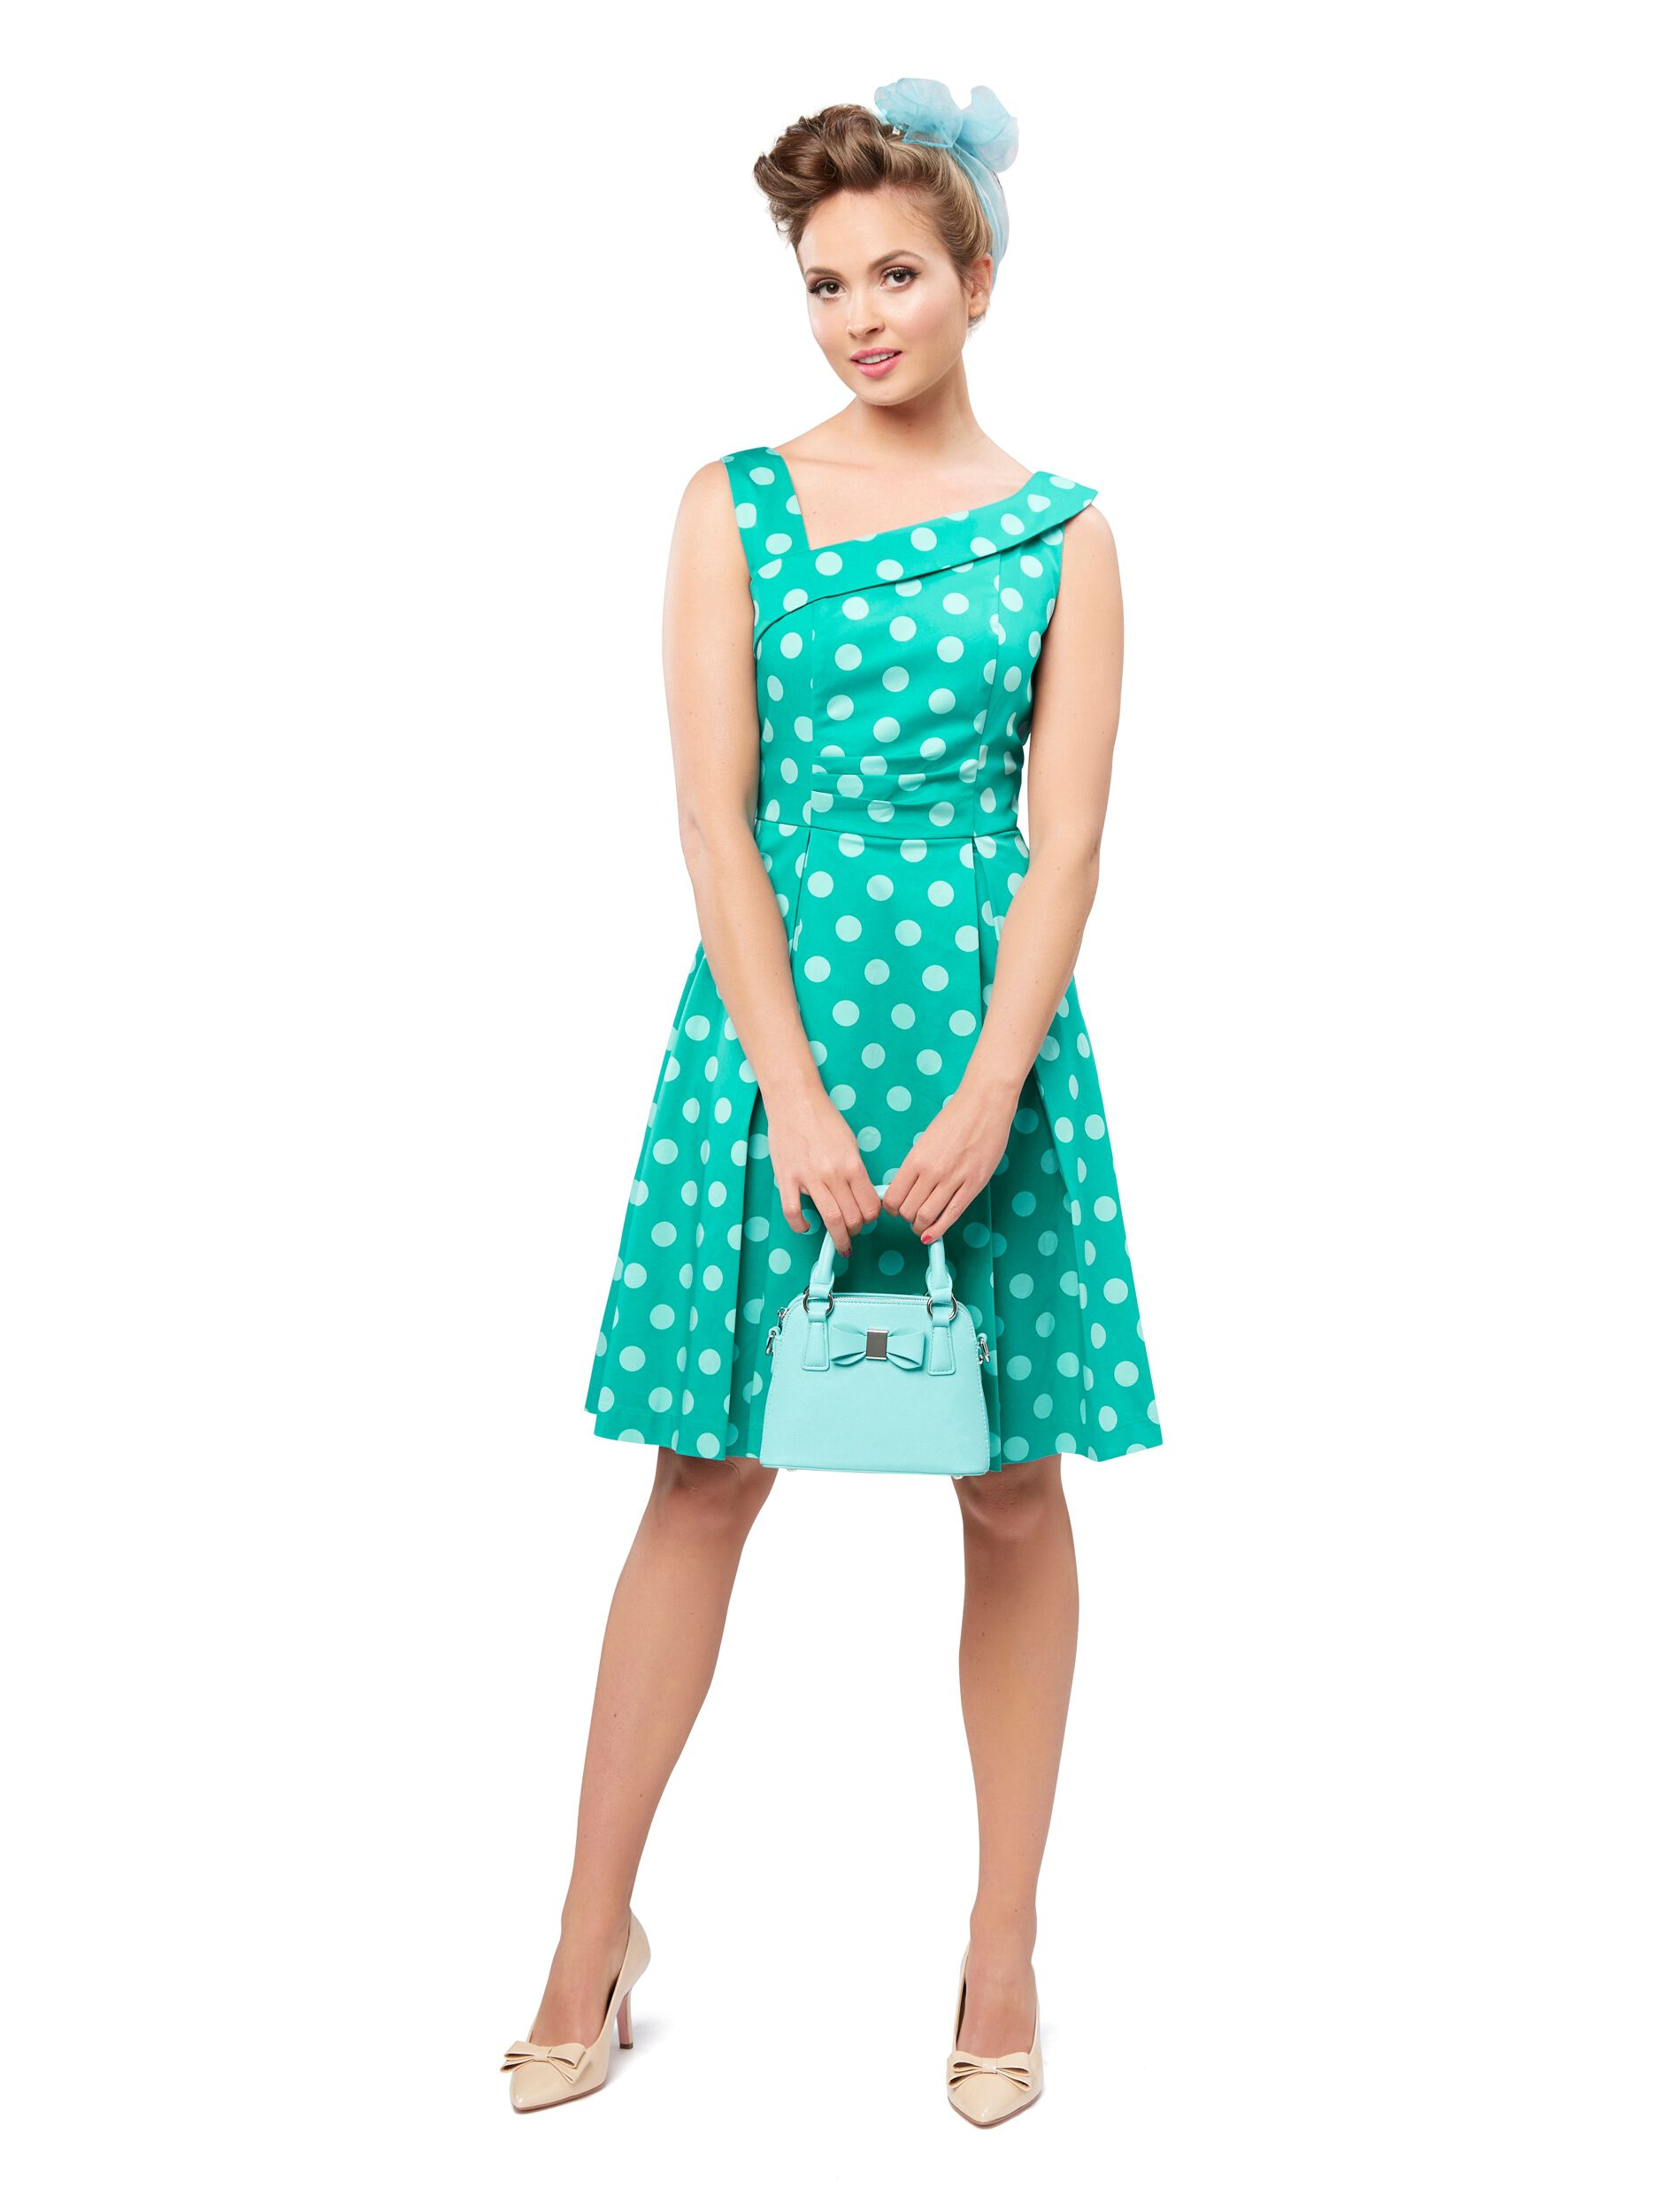 Midori Spot Dress